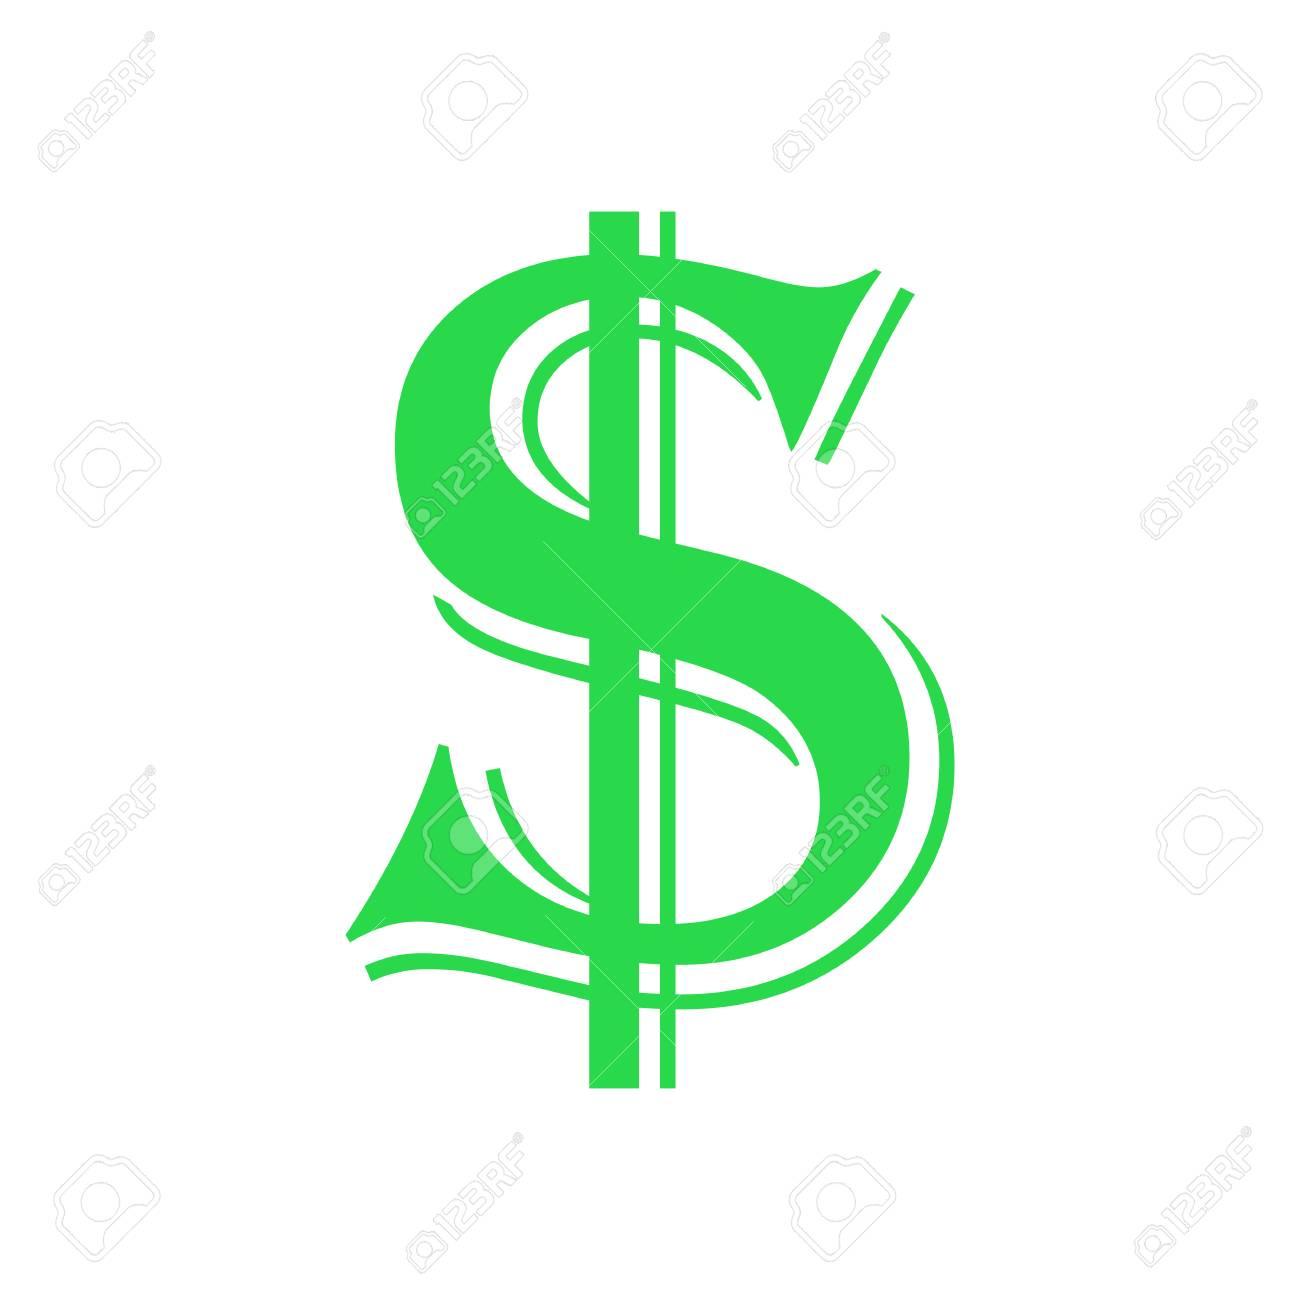 d514e1e6ec Vettoriale - Logo Simbolo Di Prosperità Del Dollaro. Disegno Dell .